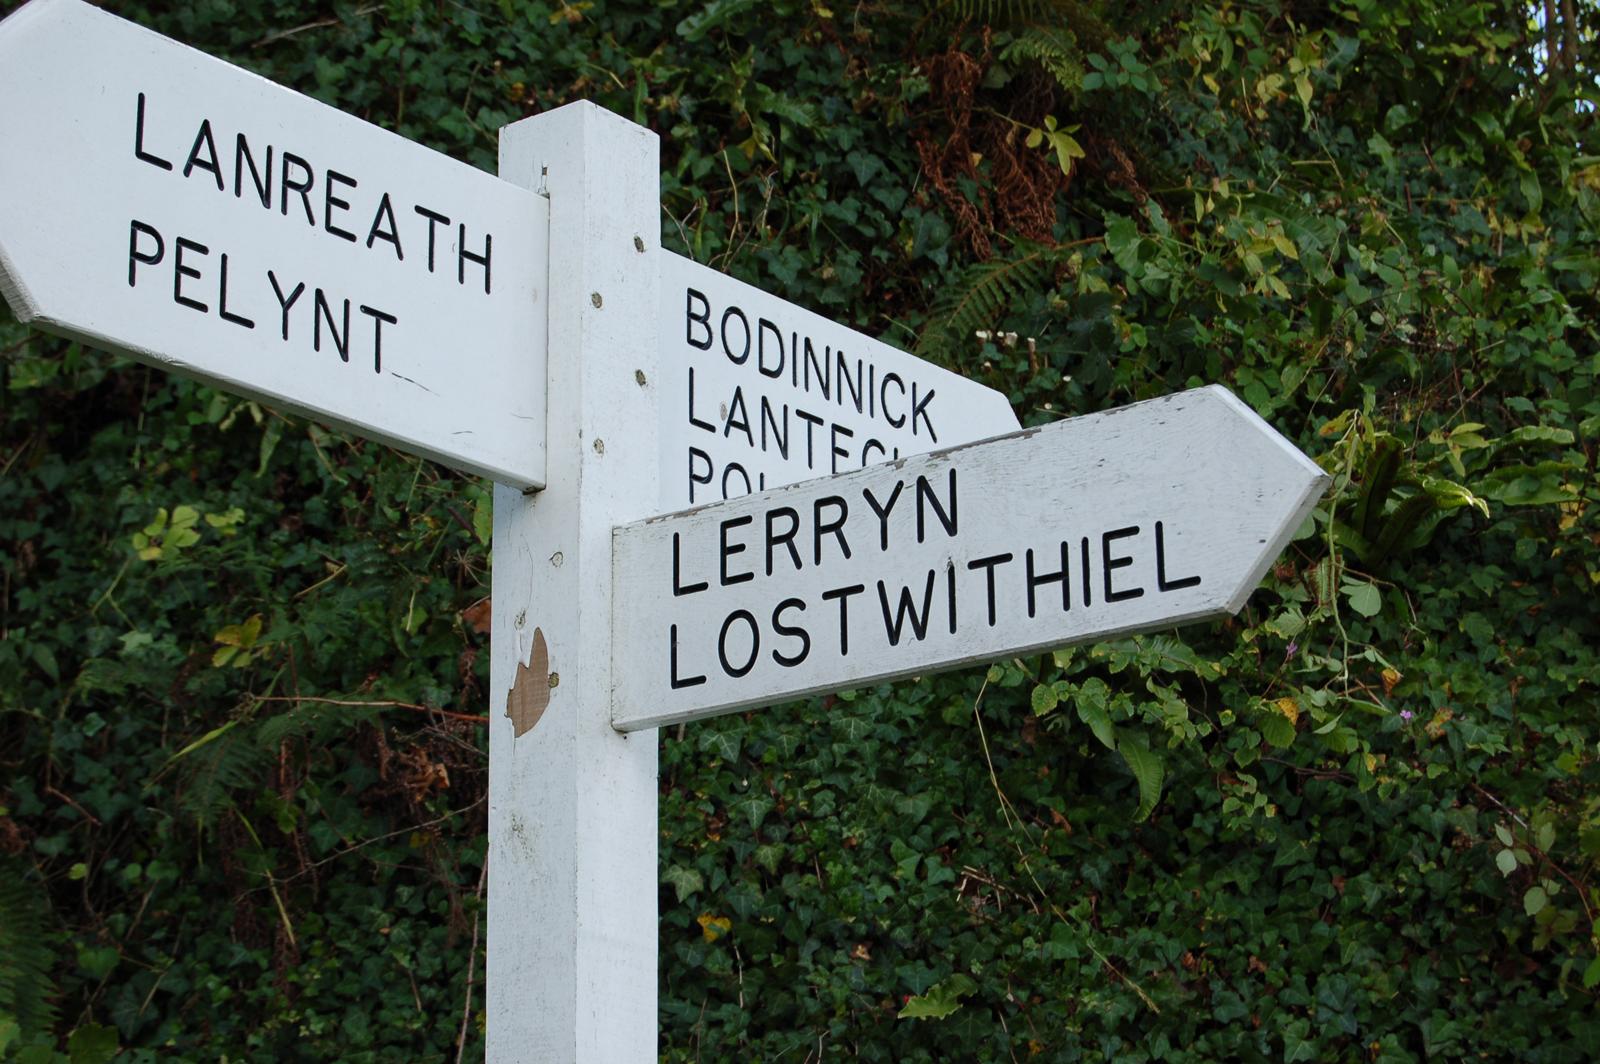 Lostwithiel signpost